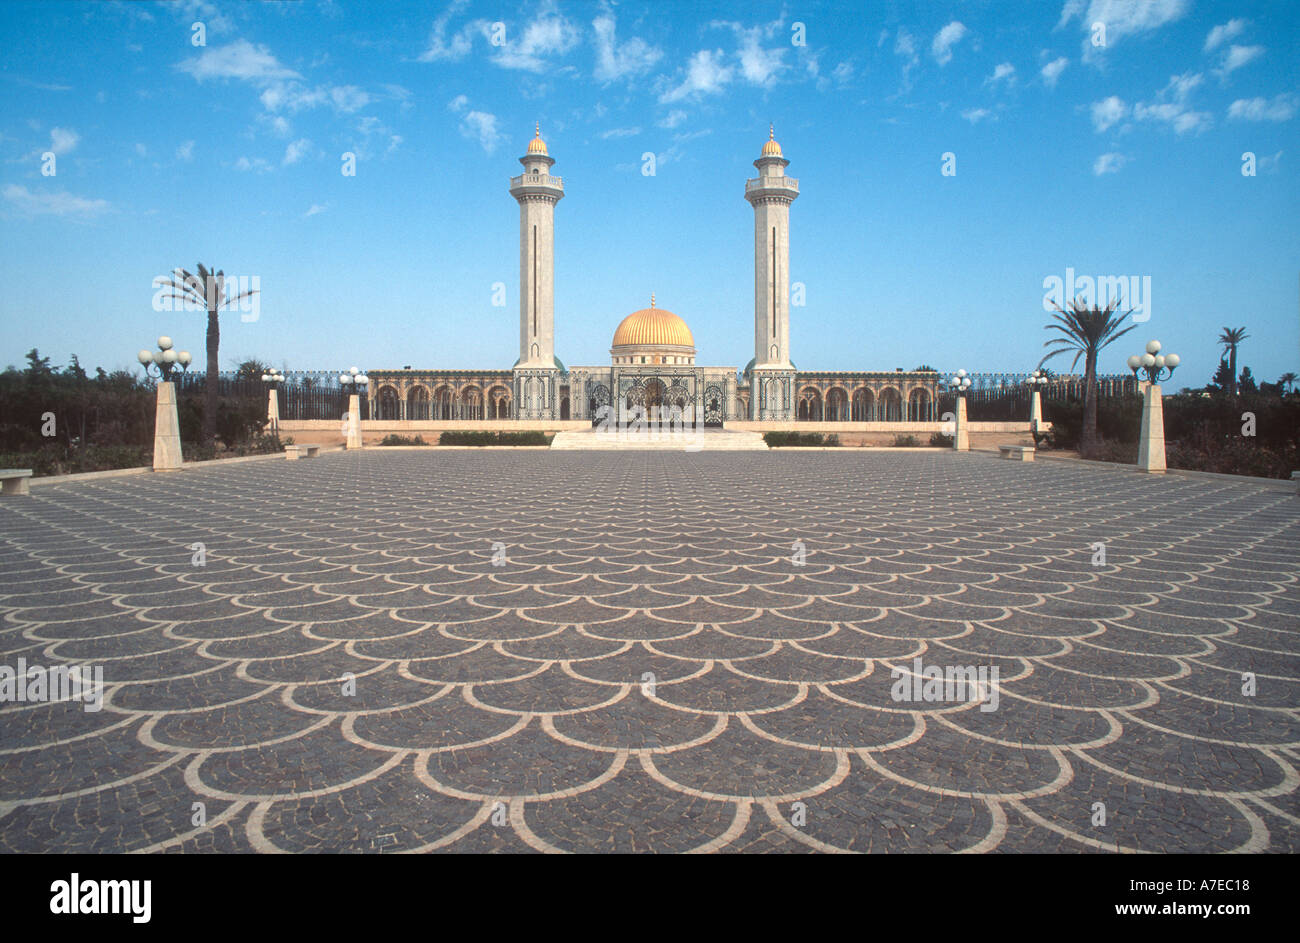 Monastir Tunisie Afrique du Nord vue du mausolée de Bourguiba Photo Stock